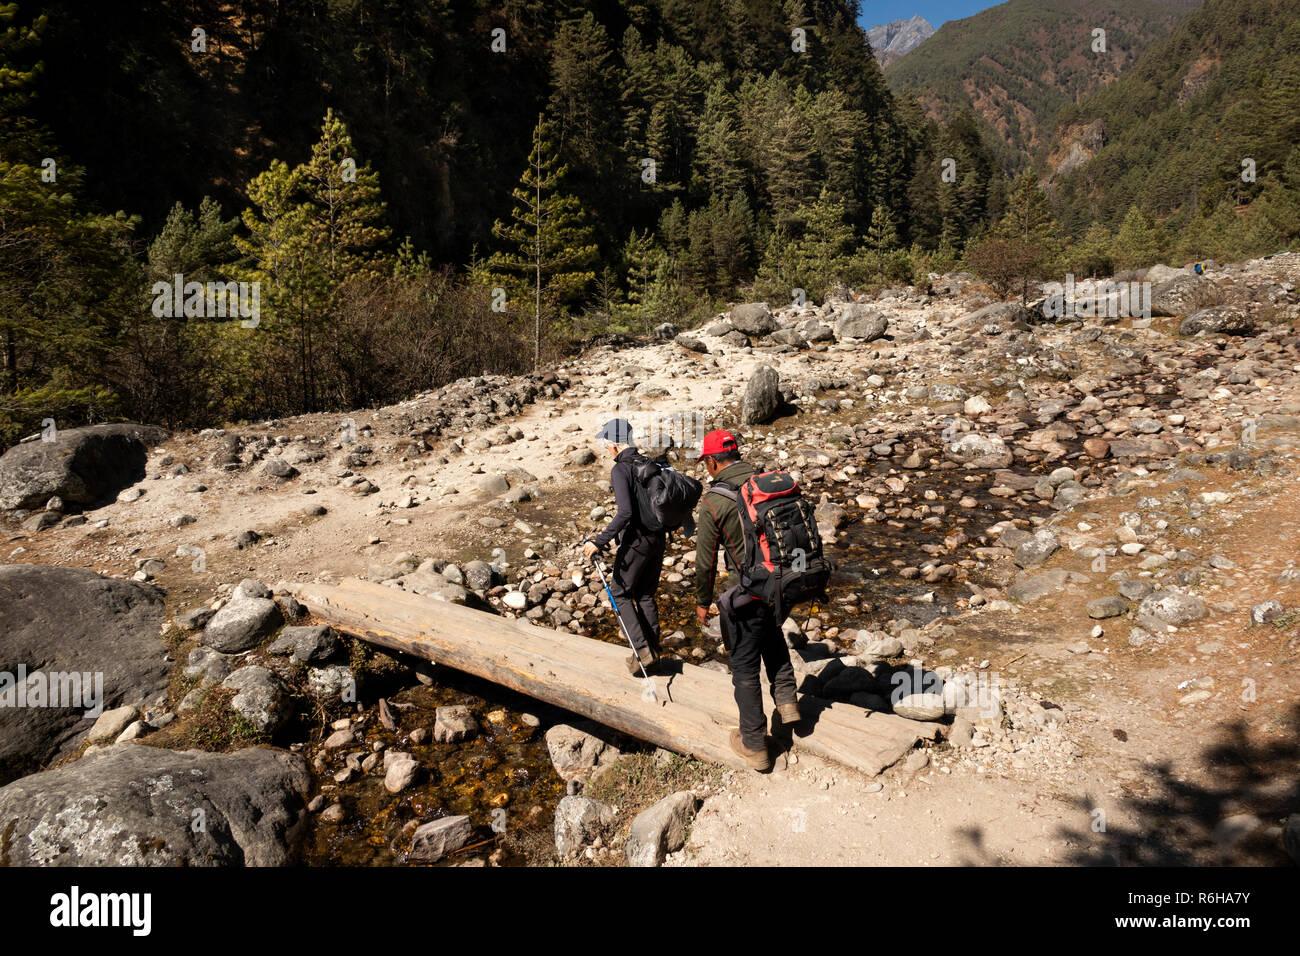 Nepal, Jorsale (Thumbug), senior trekker and Sherpa guide crossing small log bridge over stream beside Dudh Khosi river - Stock Image